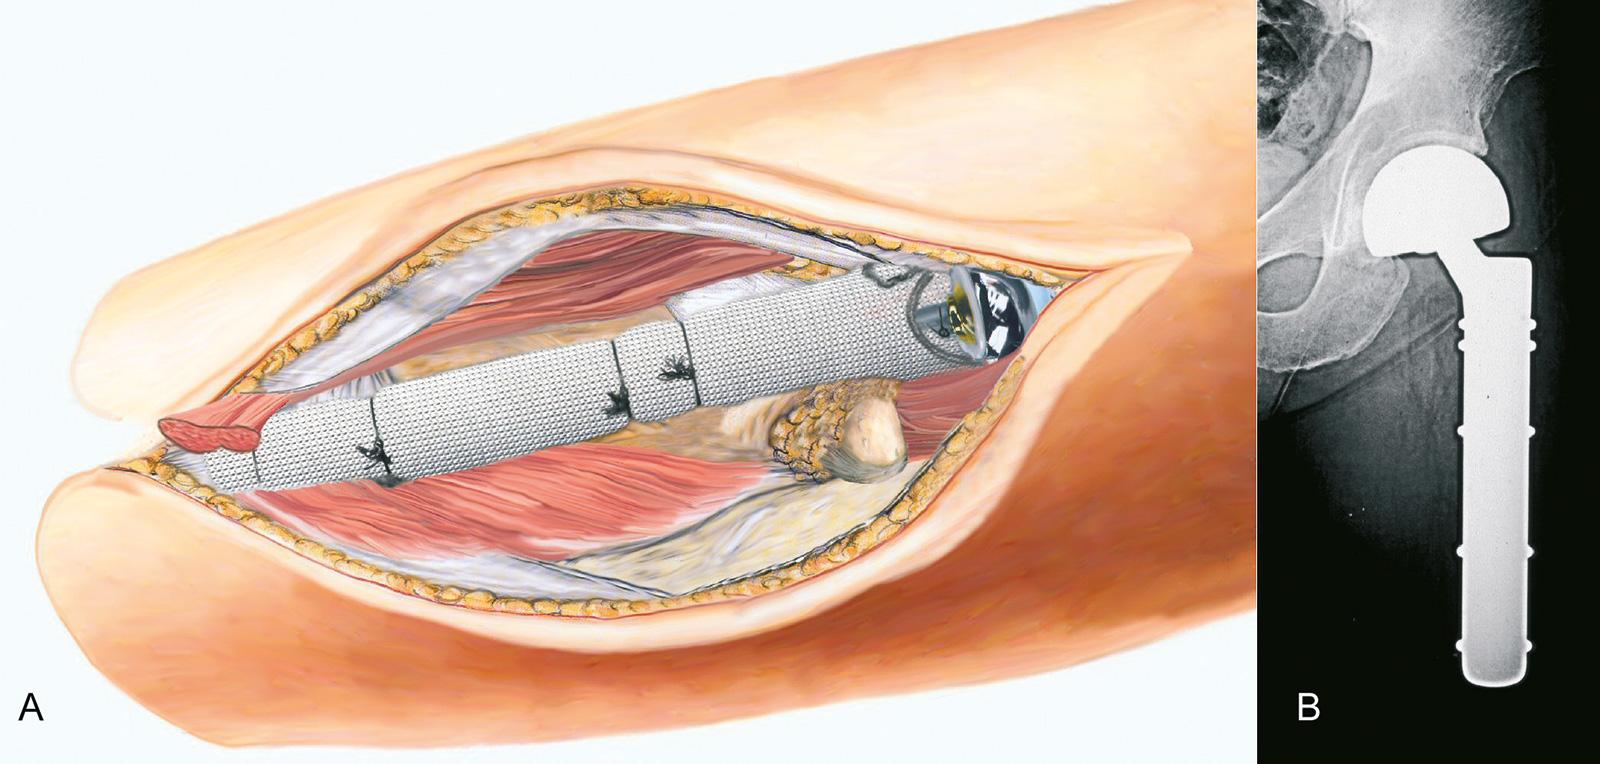 Abb. 8-3: Stumpfaufbauplastik nach Resektion eines G3 Weichteilsarkoms (A,B), die Prothese (MUTARS, Implantatcast) wird mit einem Trevira-Schlauch bedeckt, um eine bessere Verankerung für die Weichteile zu schaffen